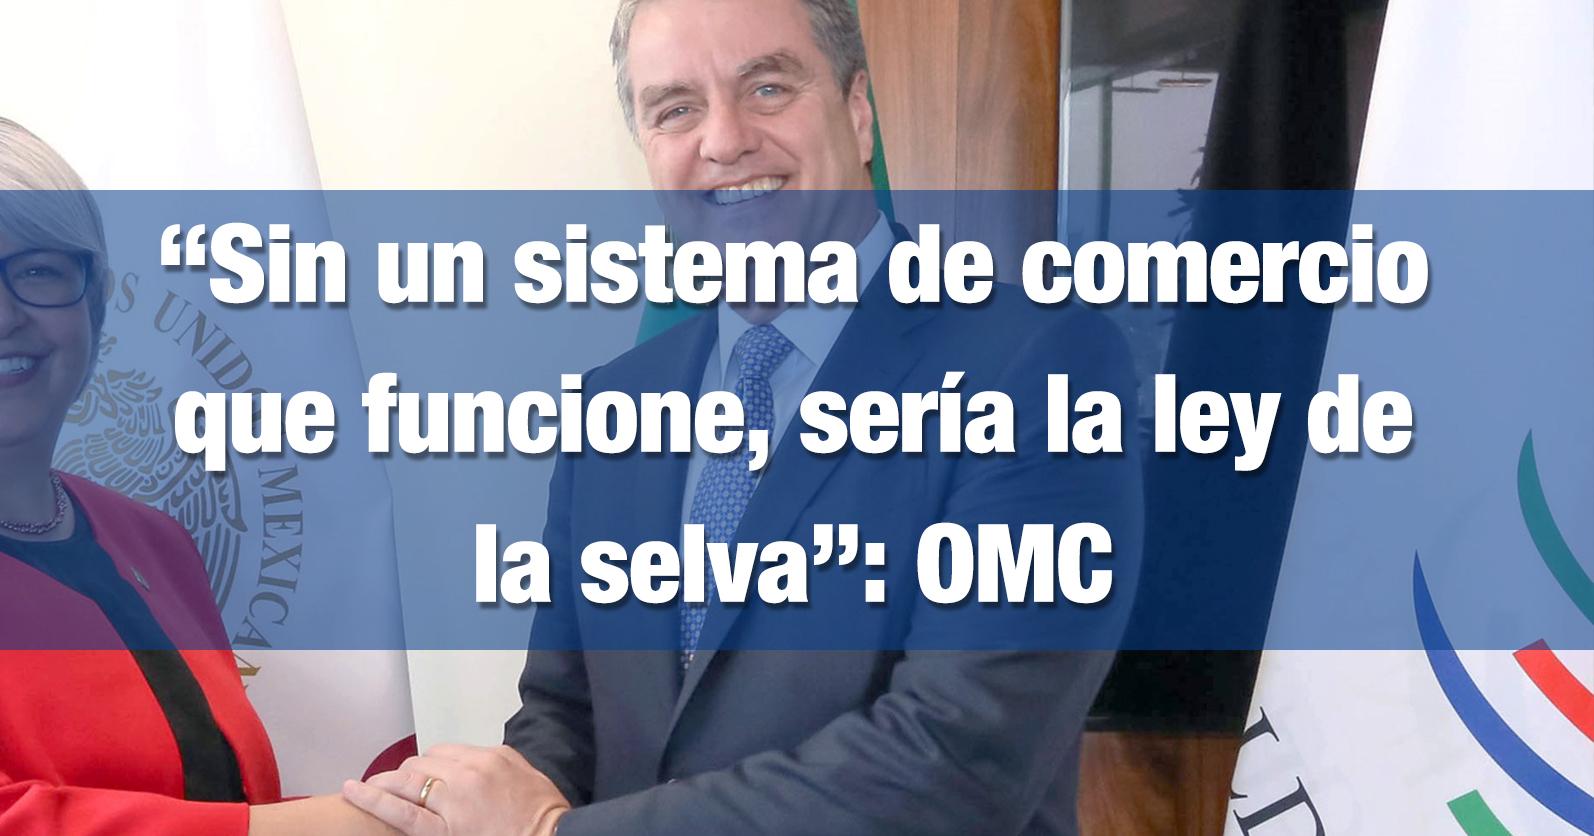 """""""Sin un sistema de comercio que funcione, sería la ley de la selva"""": OMC"""